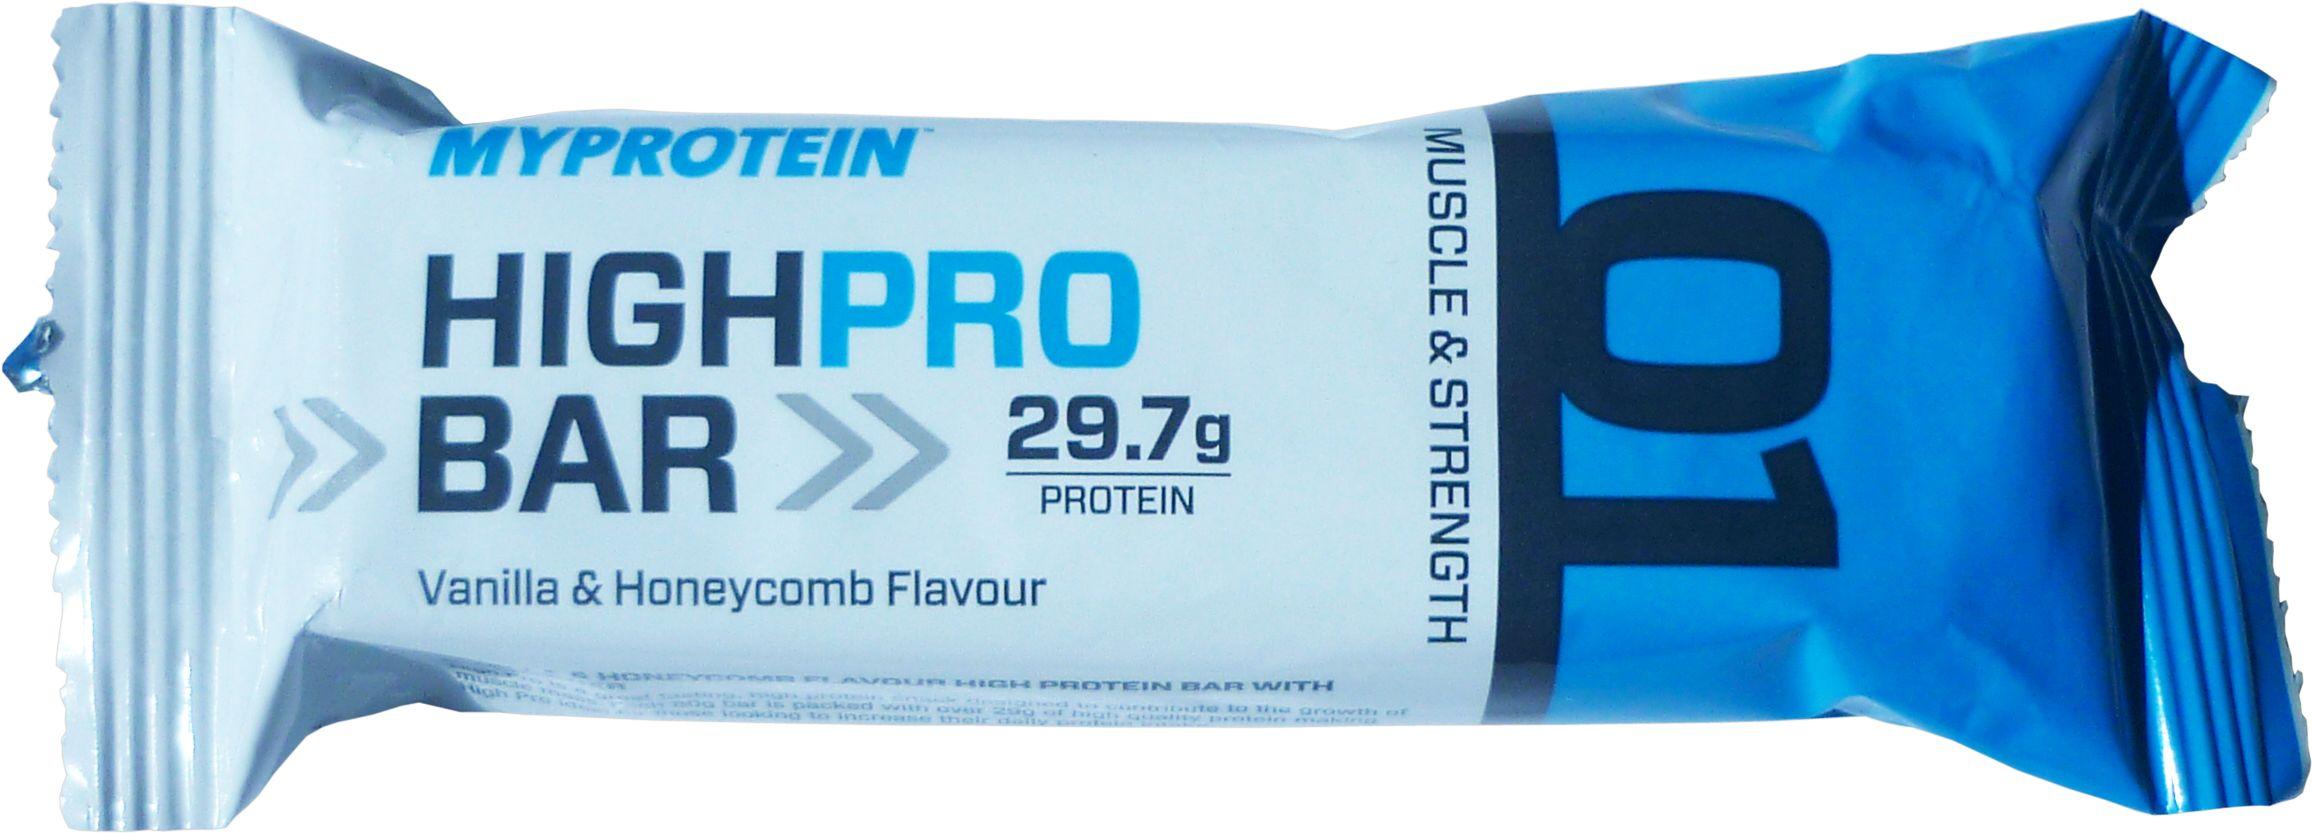 Myprotein - Honeycomb Flavour